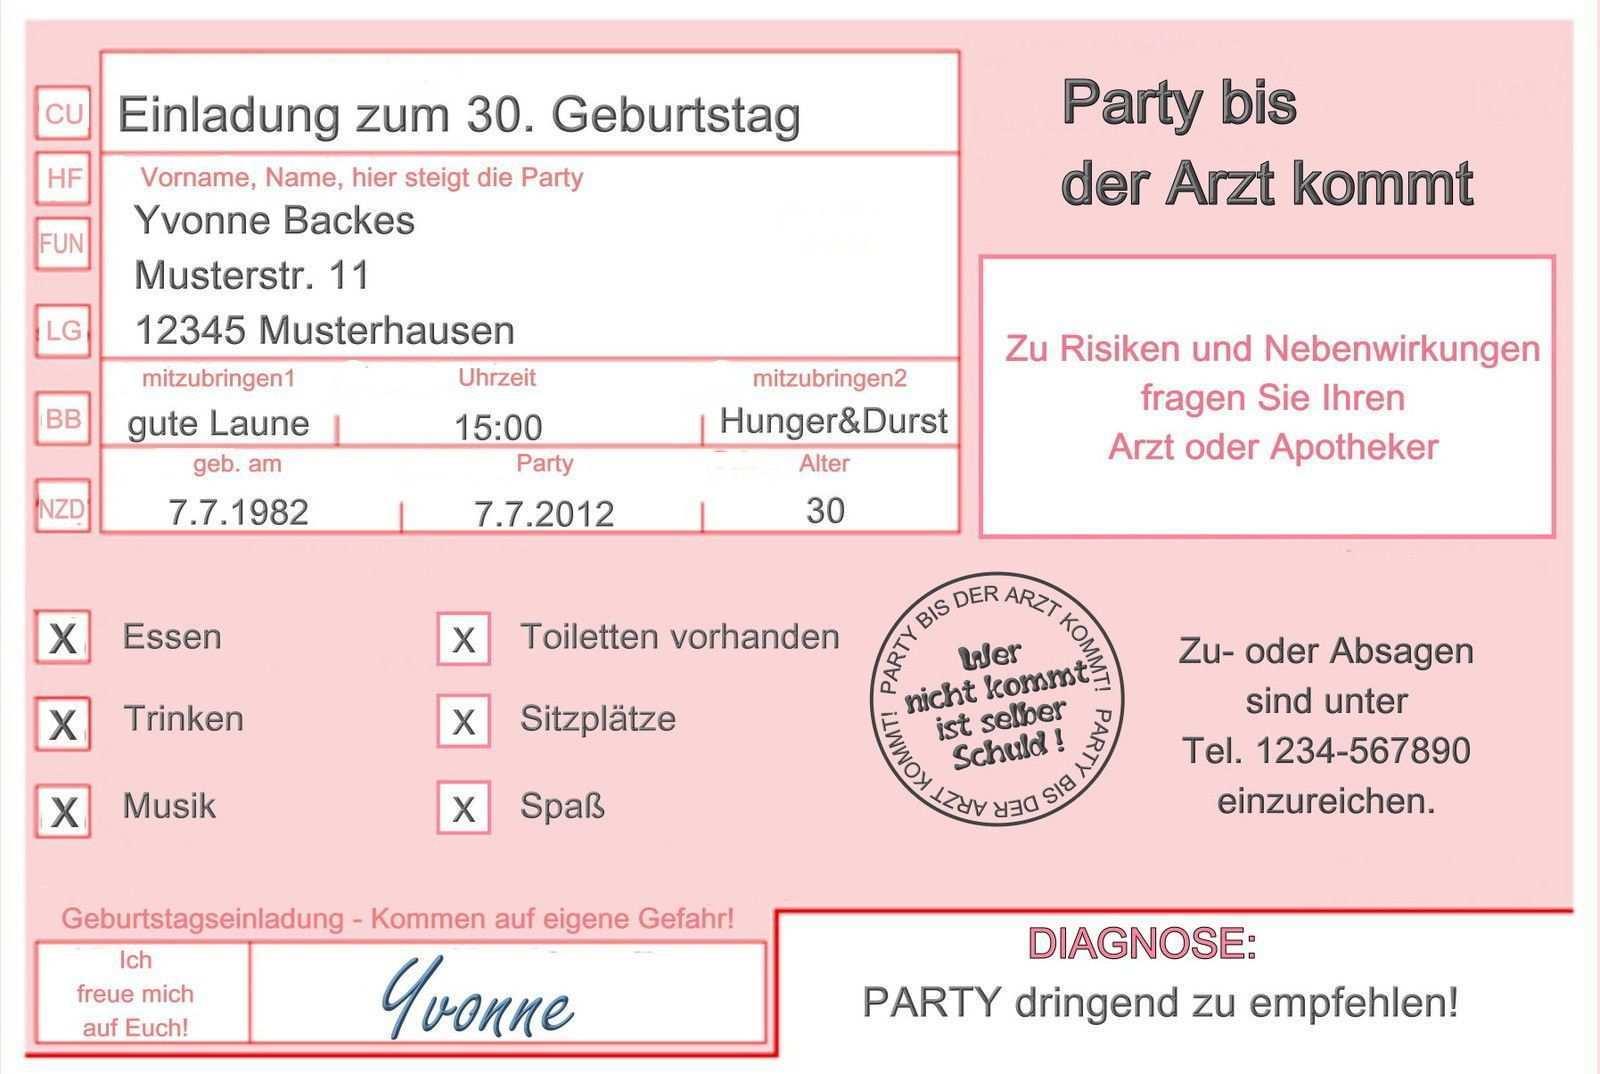 Whatsapp Einladungskarten Kostenlos Geburtstag Einladung Kostenlos Geburtsta In 2020 Einladung Geburtstag Einladung 50 Geburtstag Einladungen Geburtstag Kostenlos